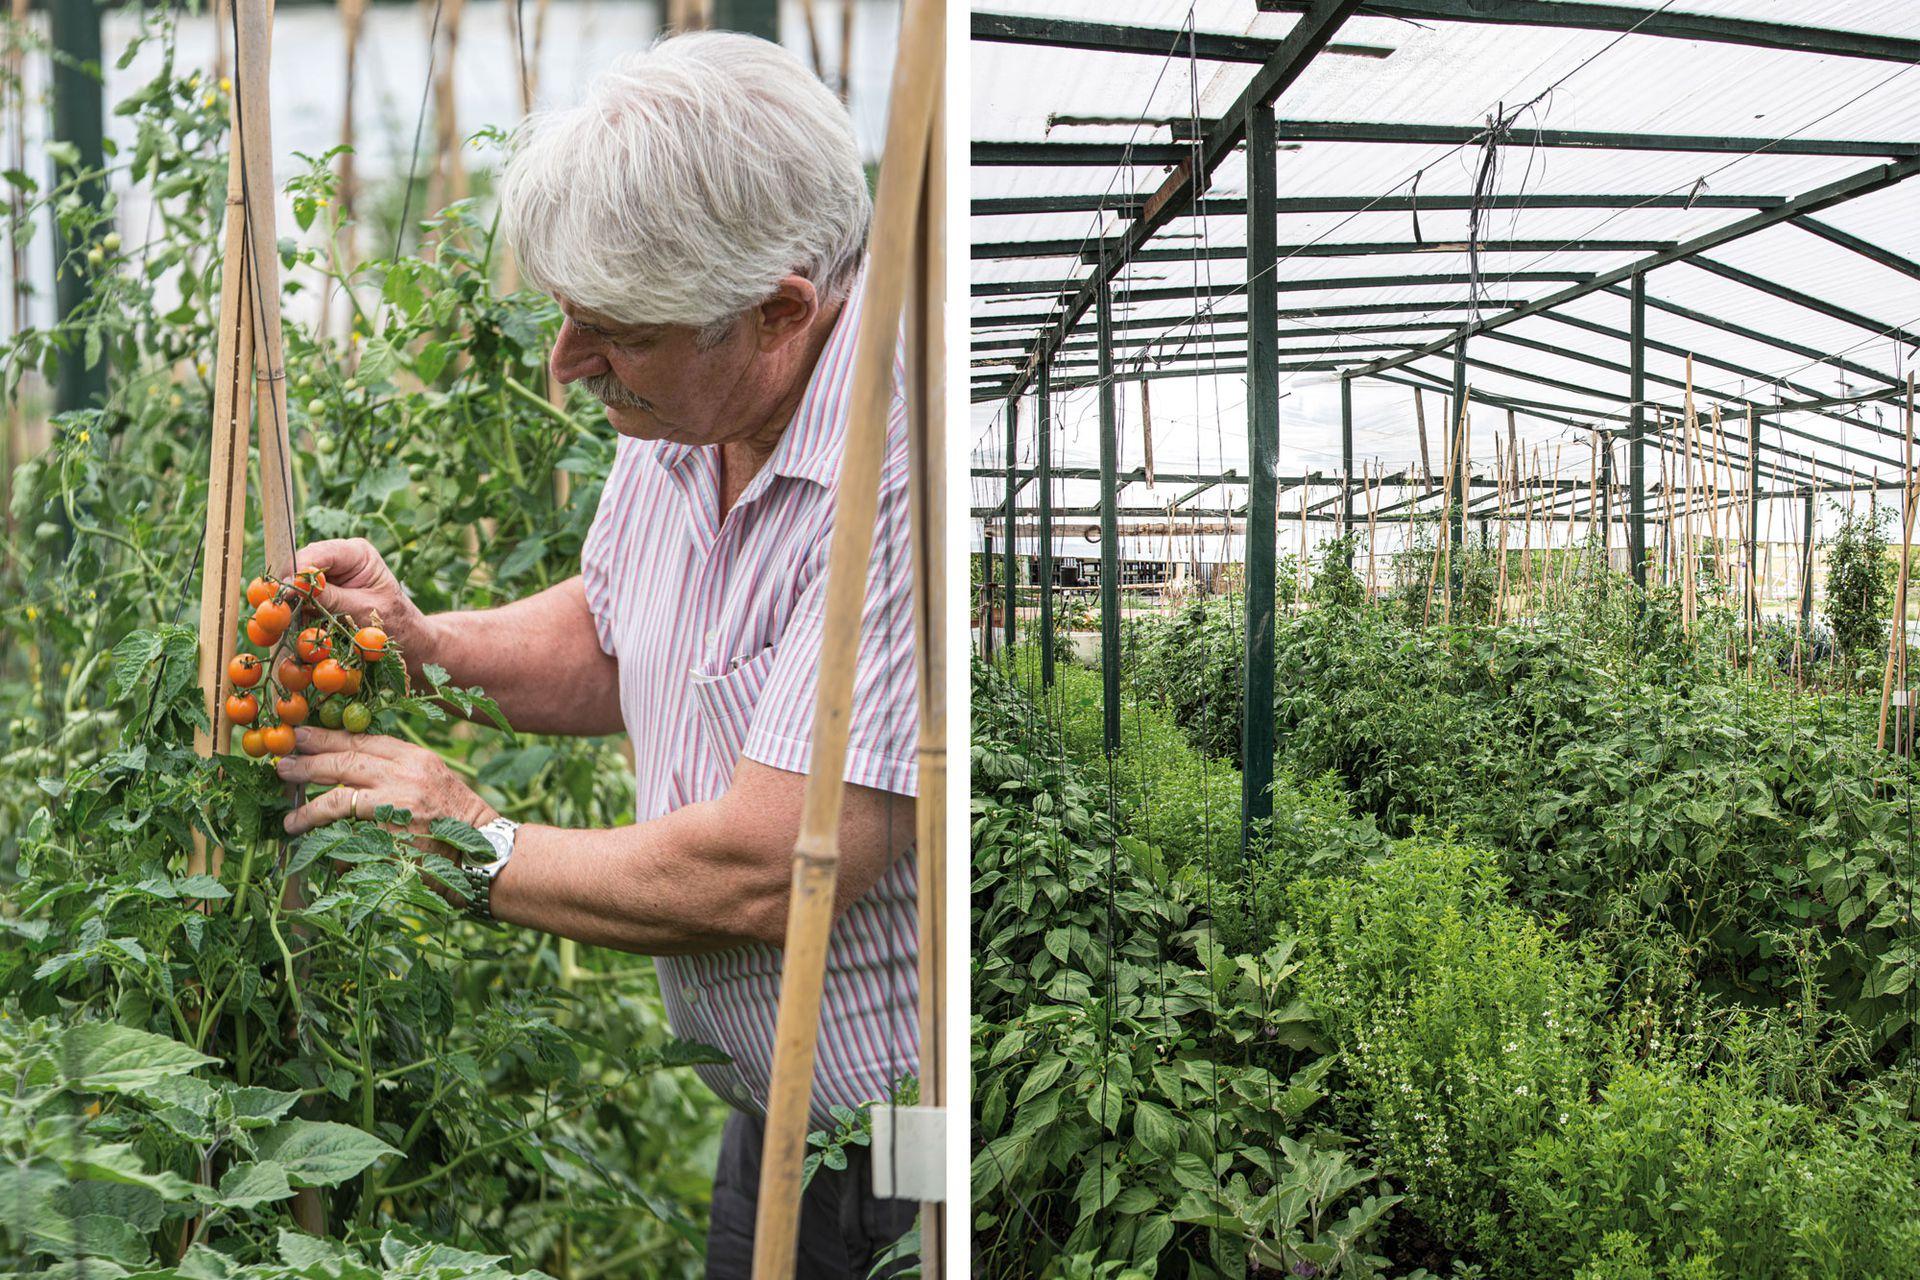 """En el invernadero se adelantan los tomates cherries de variedades muy diversas; en la foto, uno """"botón de oro"""" (izquierda). Albahacas, común y de hoja chica, y unos tomatitos Physalis 'Ground Cherries' que vienen envueltos en una bolsita (derecha)."""